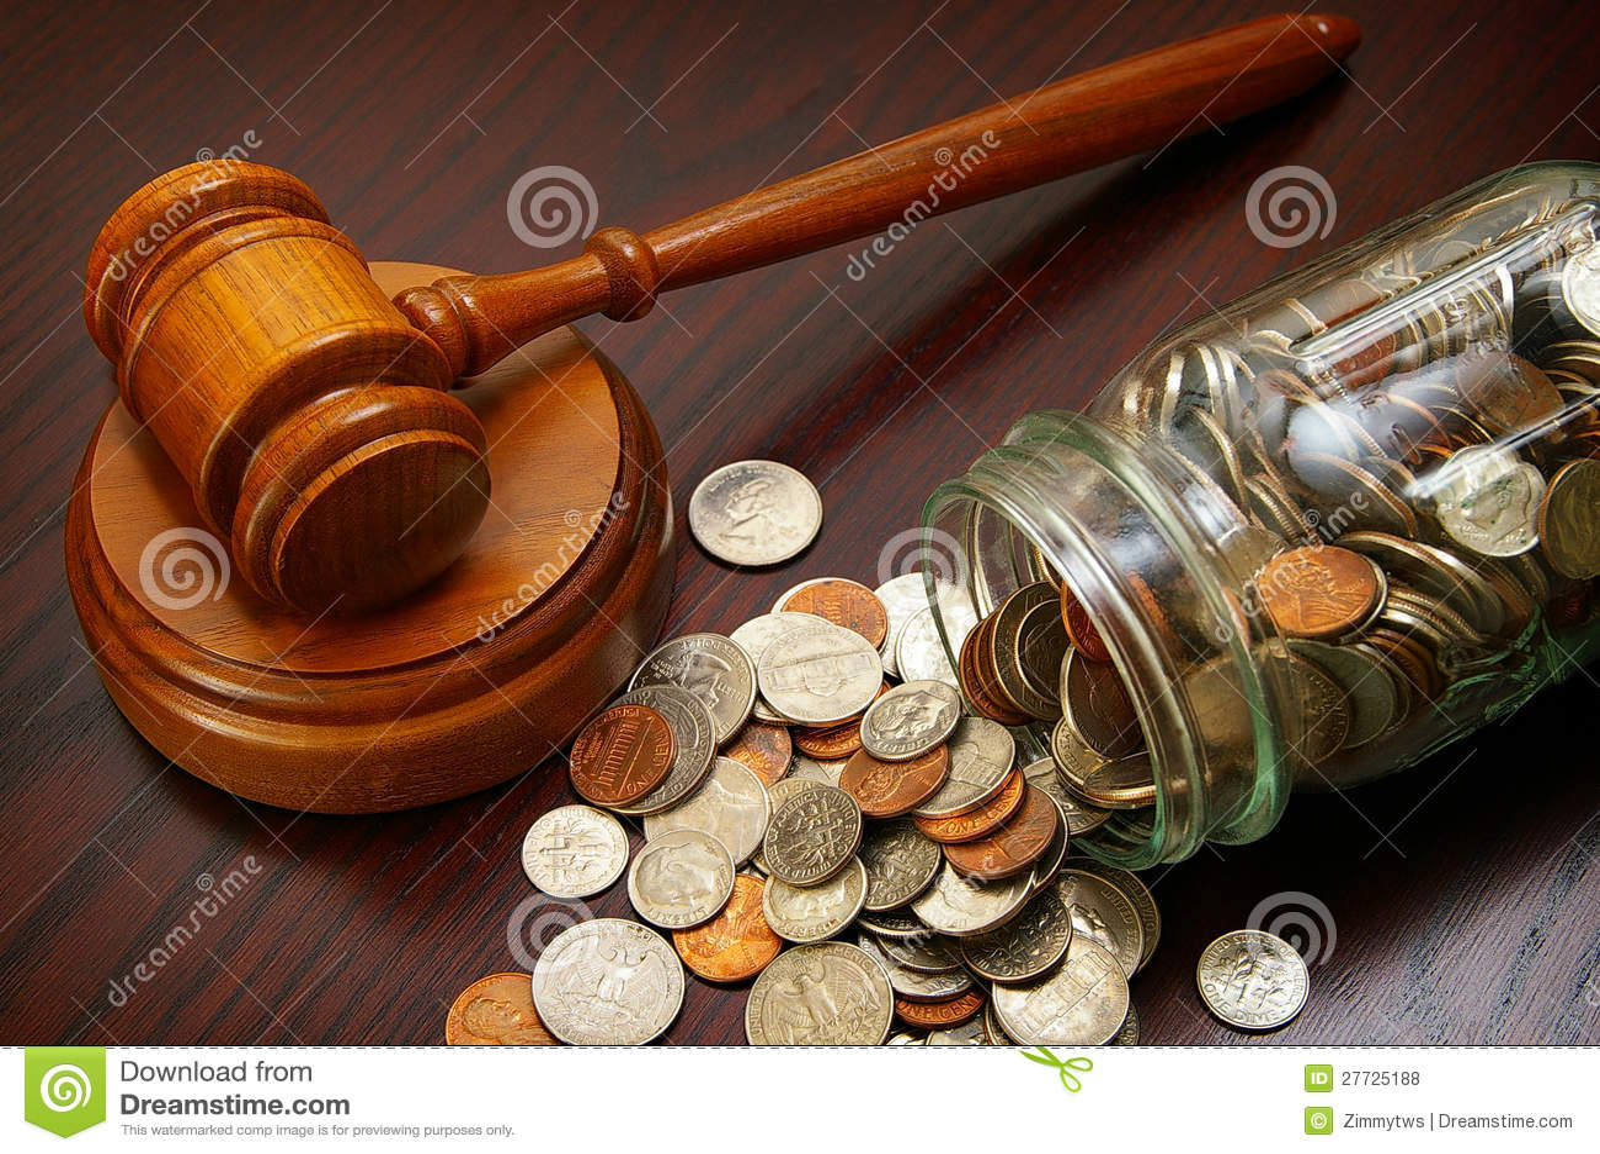 Gesetzliche Zahlungsmittel